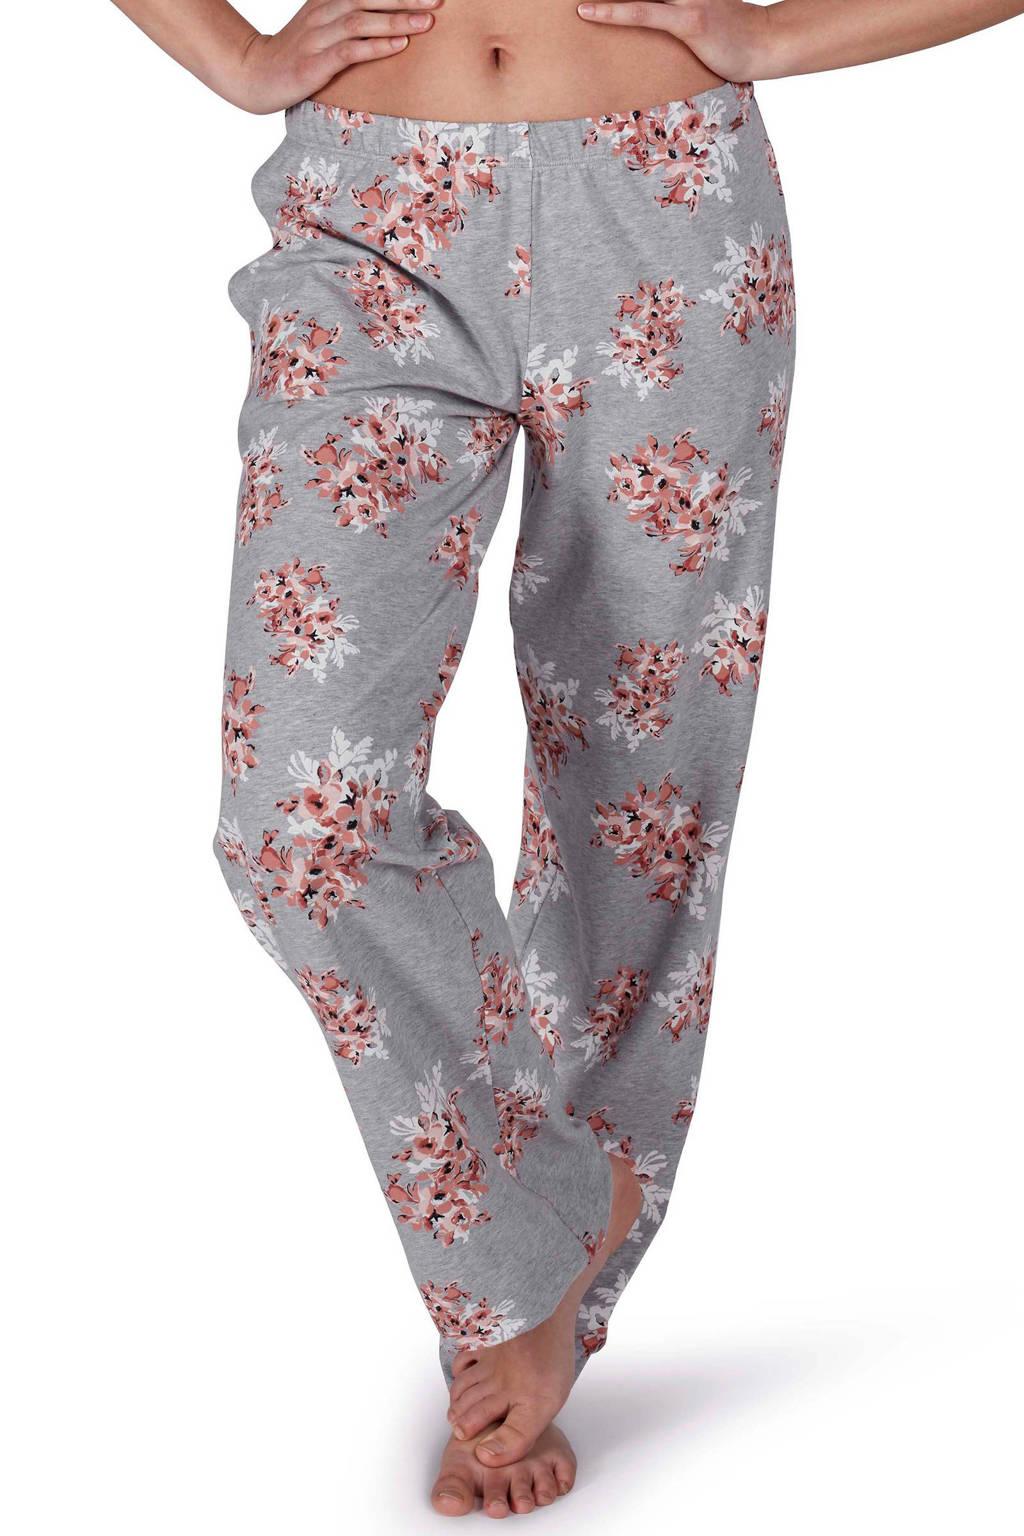 SKINY gebloemde pyjamabroek grijs/roze, Grijs/roze/wit/zwart